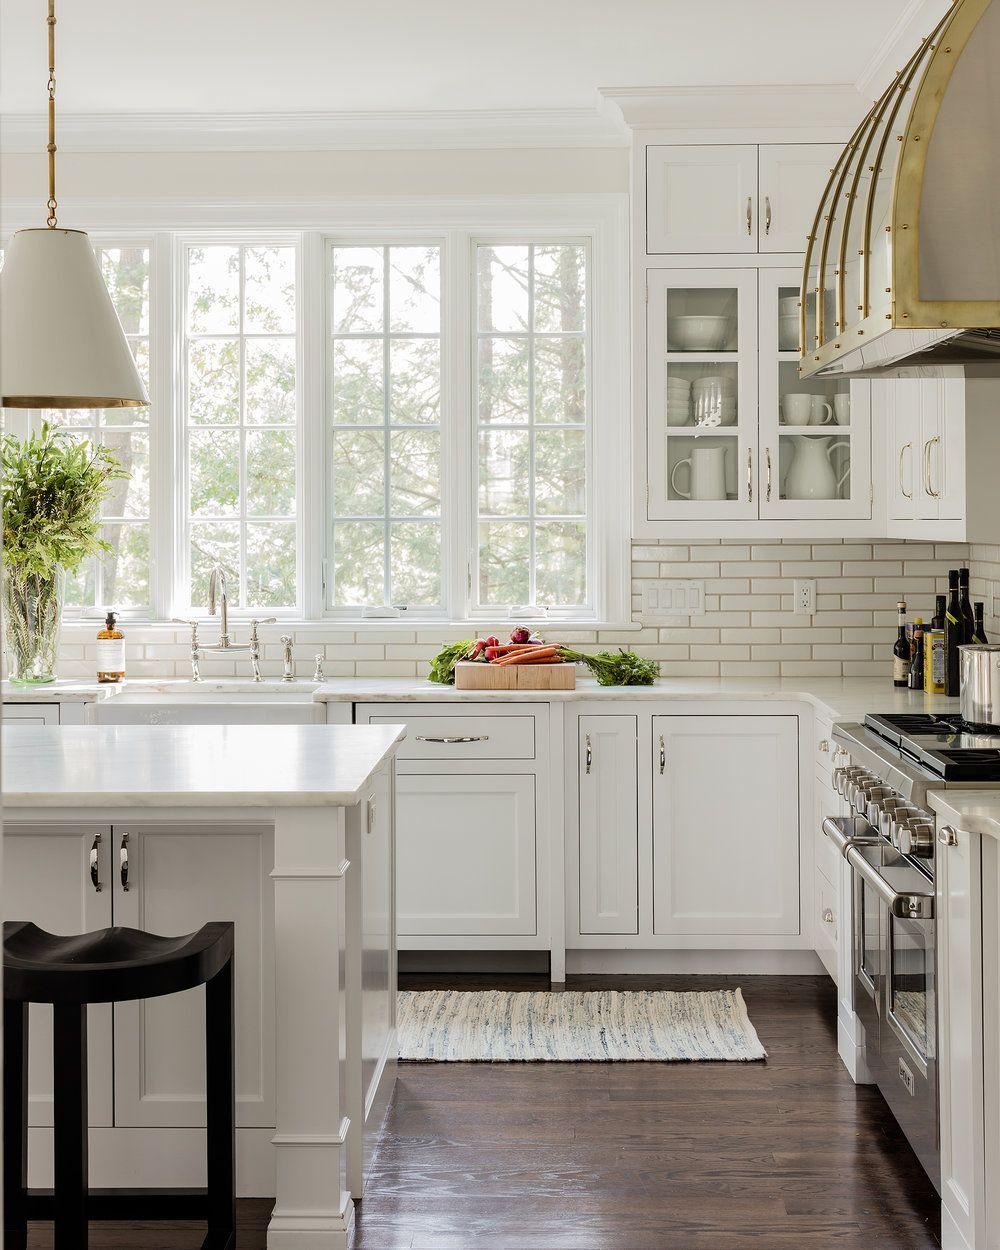 Strandhaus Küchen, Bauernküchen, Kleine Küchen, Traumküchen, Weiße Küchen,  Modernes Bauernhaus, Küchen Layouts, Küchen Design, Ideen Für Die Küche